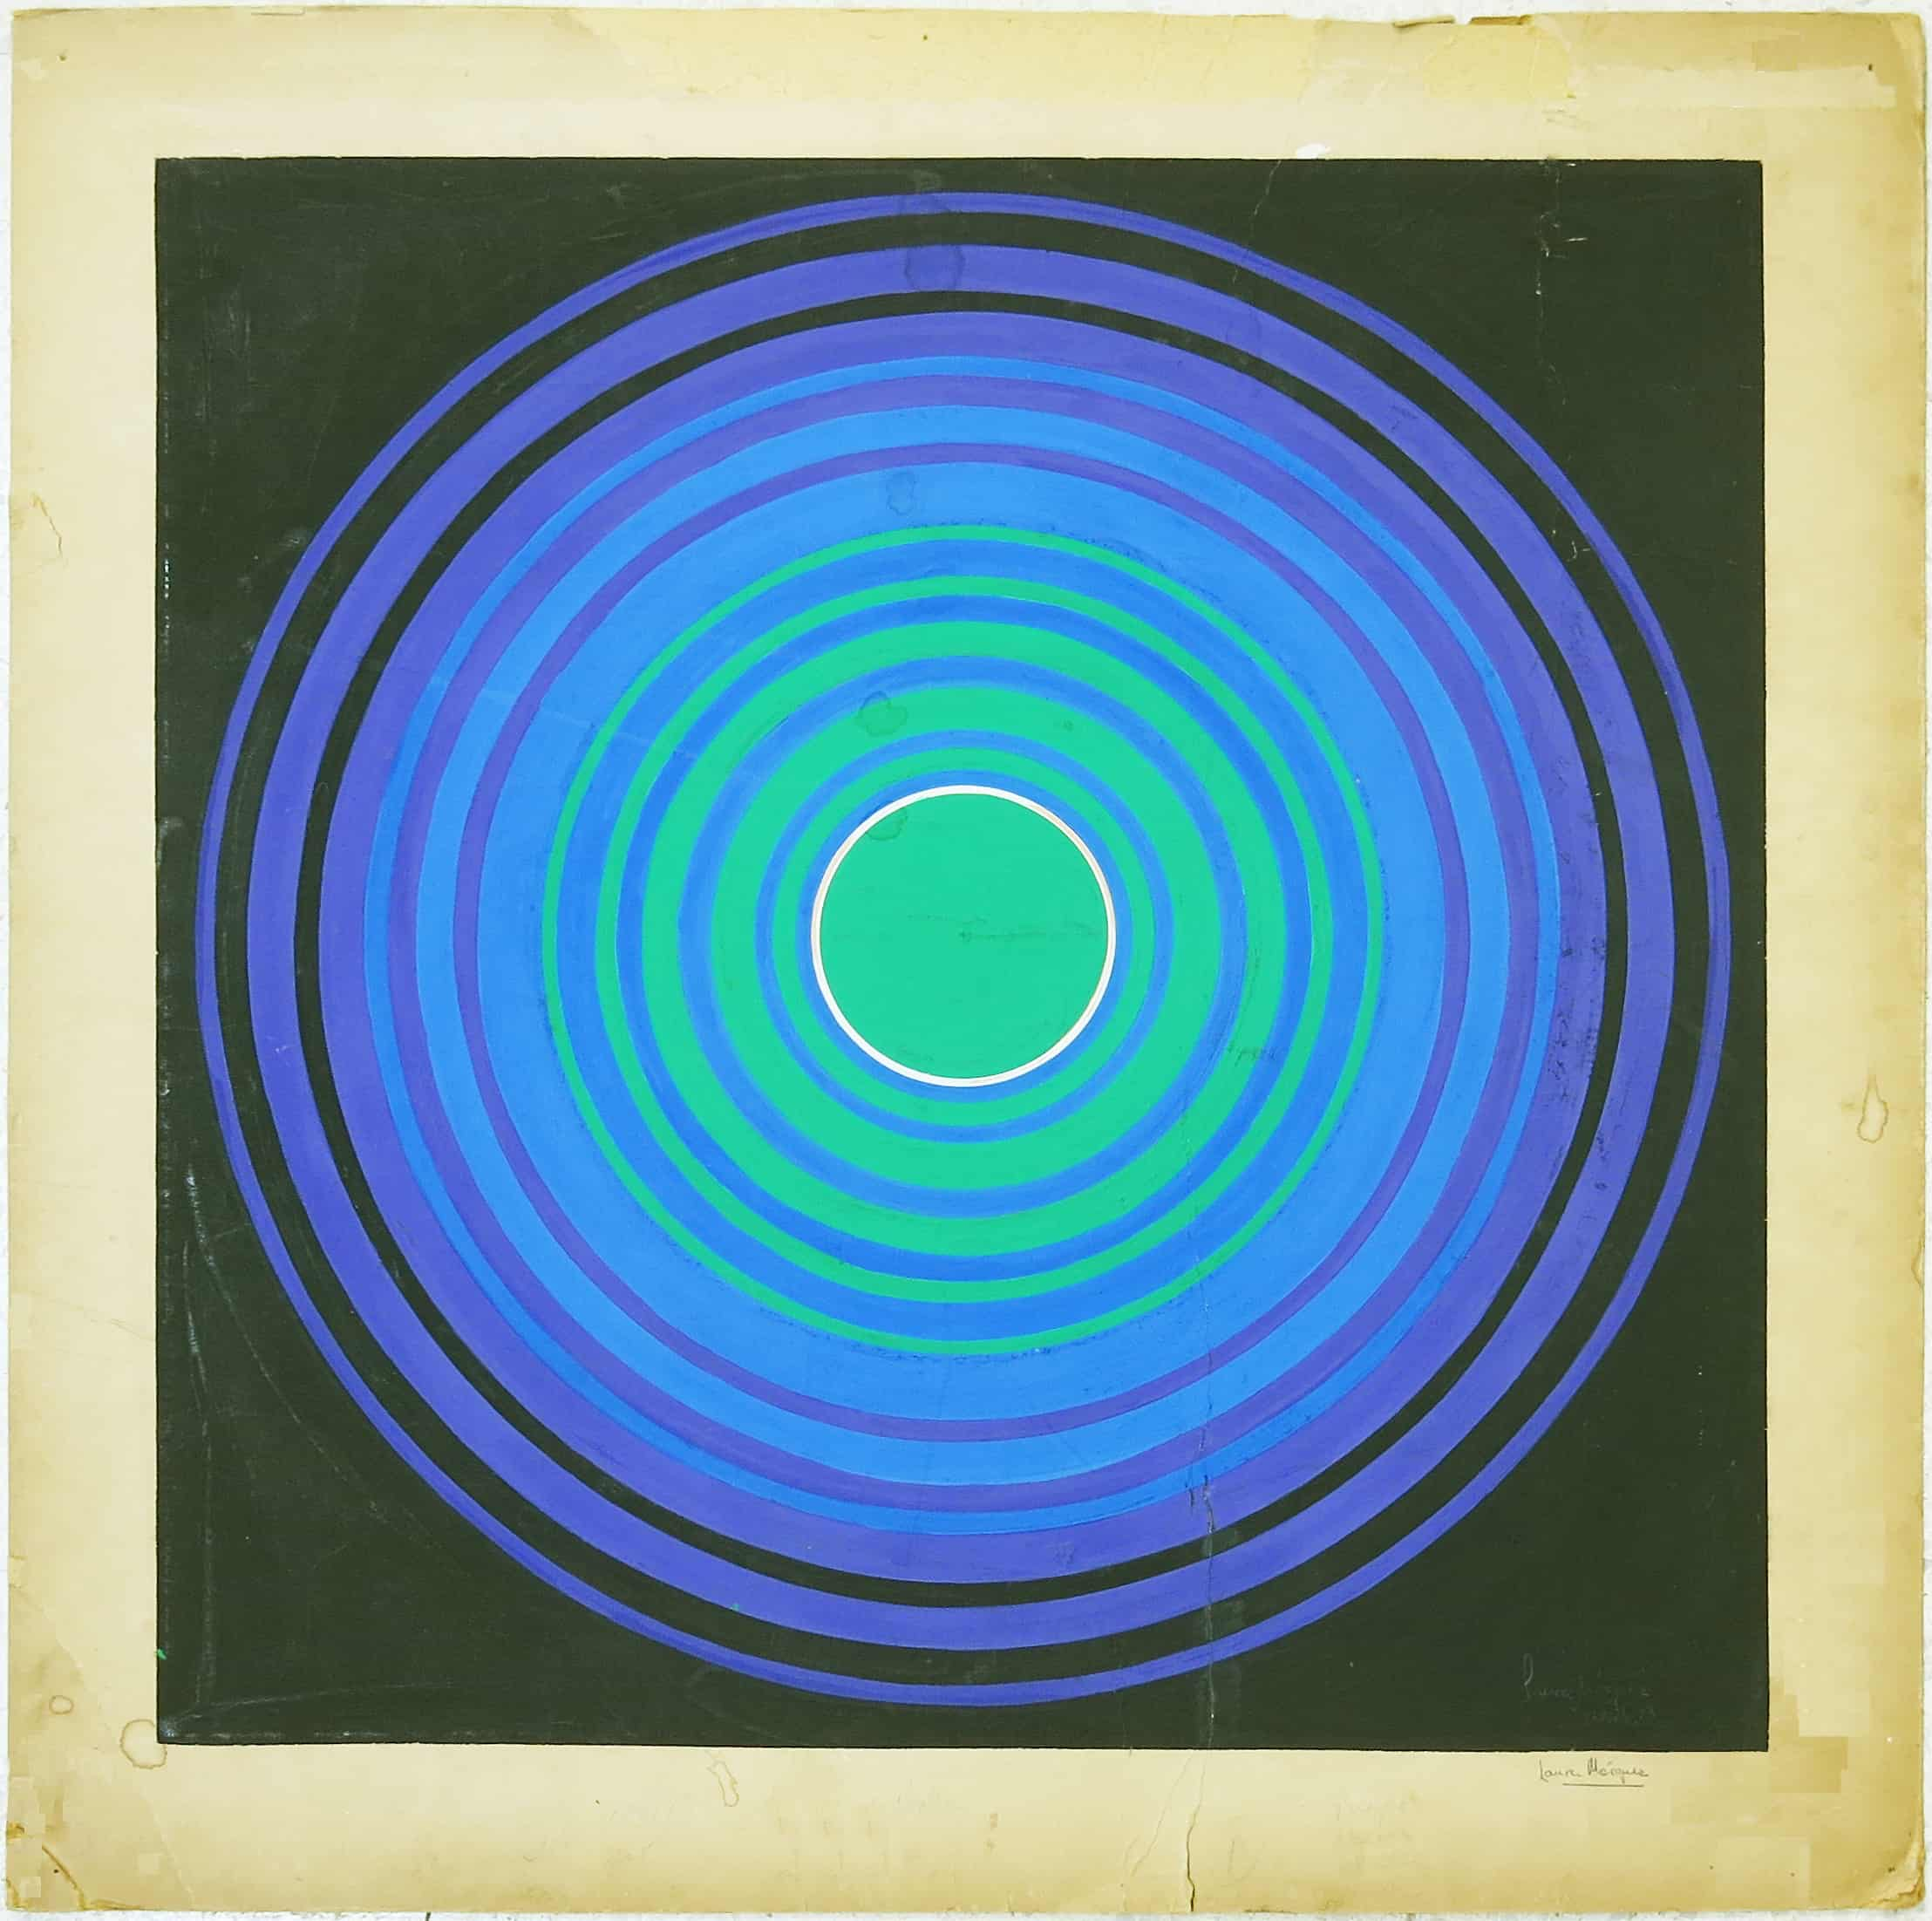 Laura Márquez. Último adiós en Ezeiza, 1973. Técnica mixta, 51 x 51 cm. Colección Galería Exaedro. Cortesía